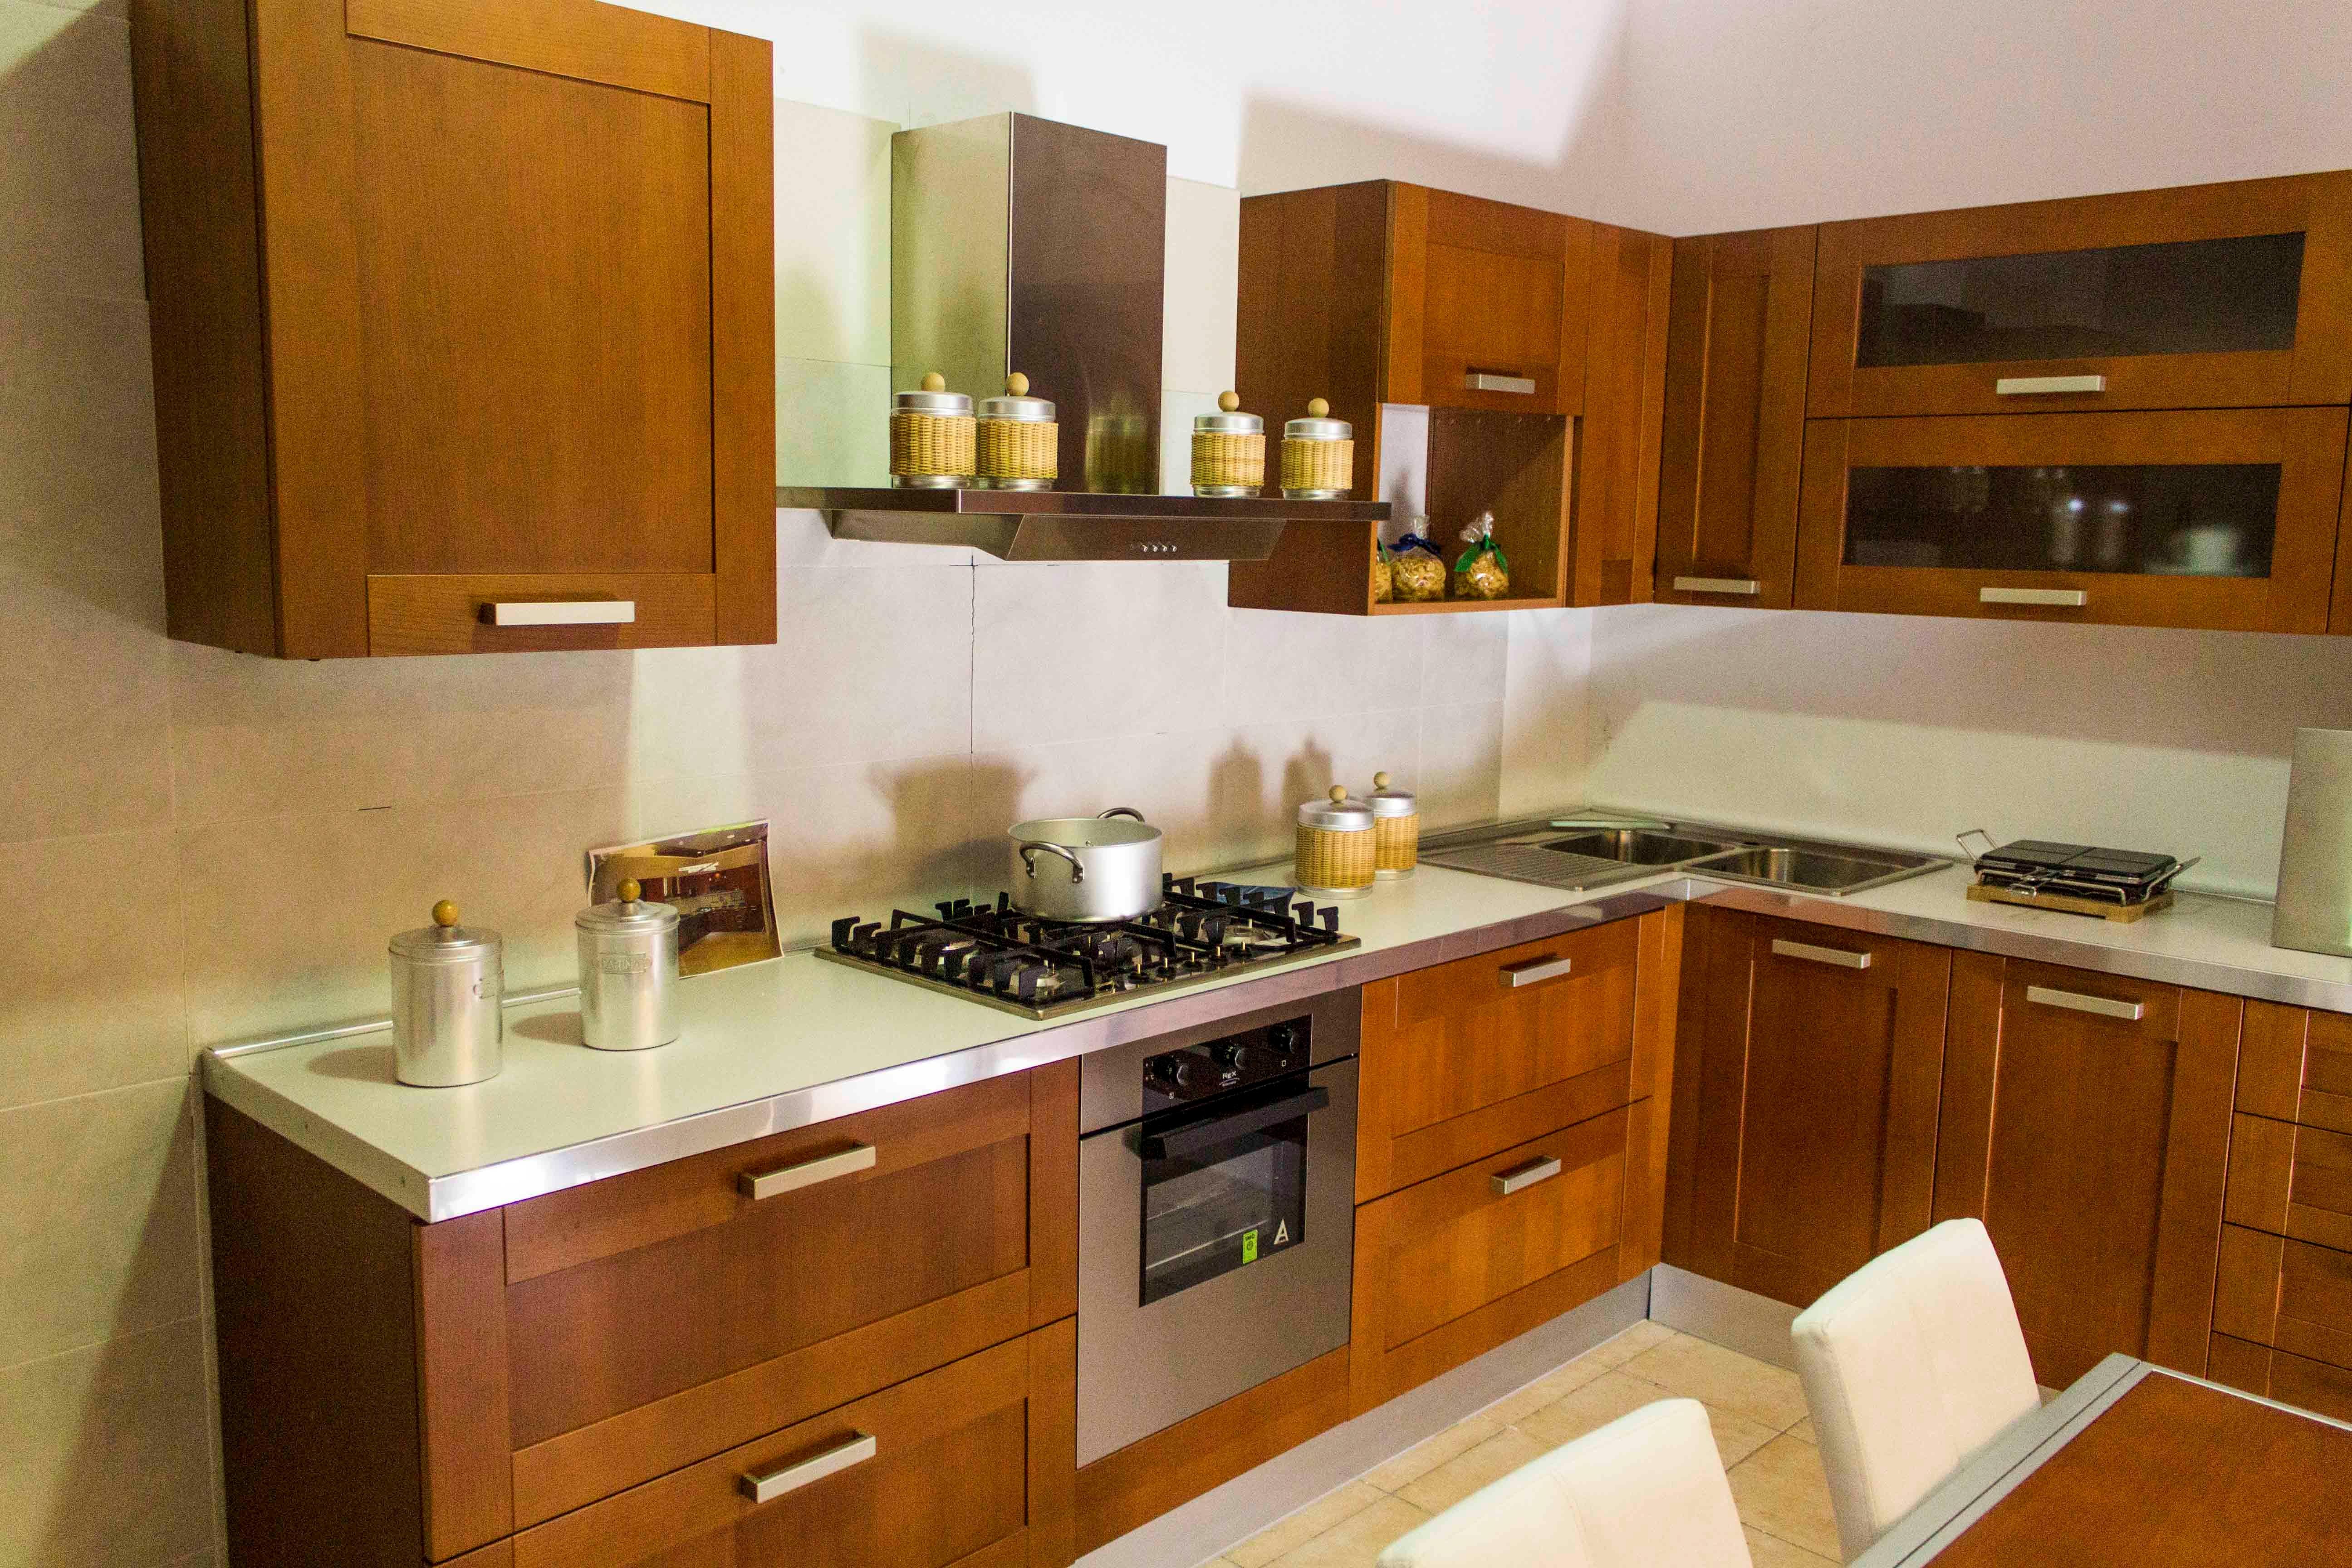 Amazing Lavello Angolare Cucina #6: Veneta-cucine-cucina-california-colore-ciliegio-scontato-del-68_O2.jpg